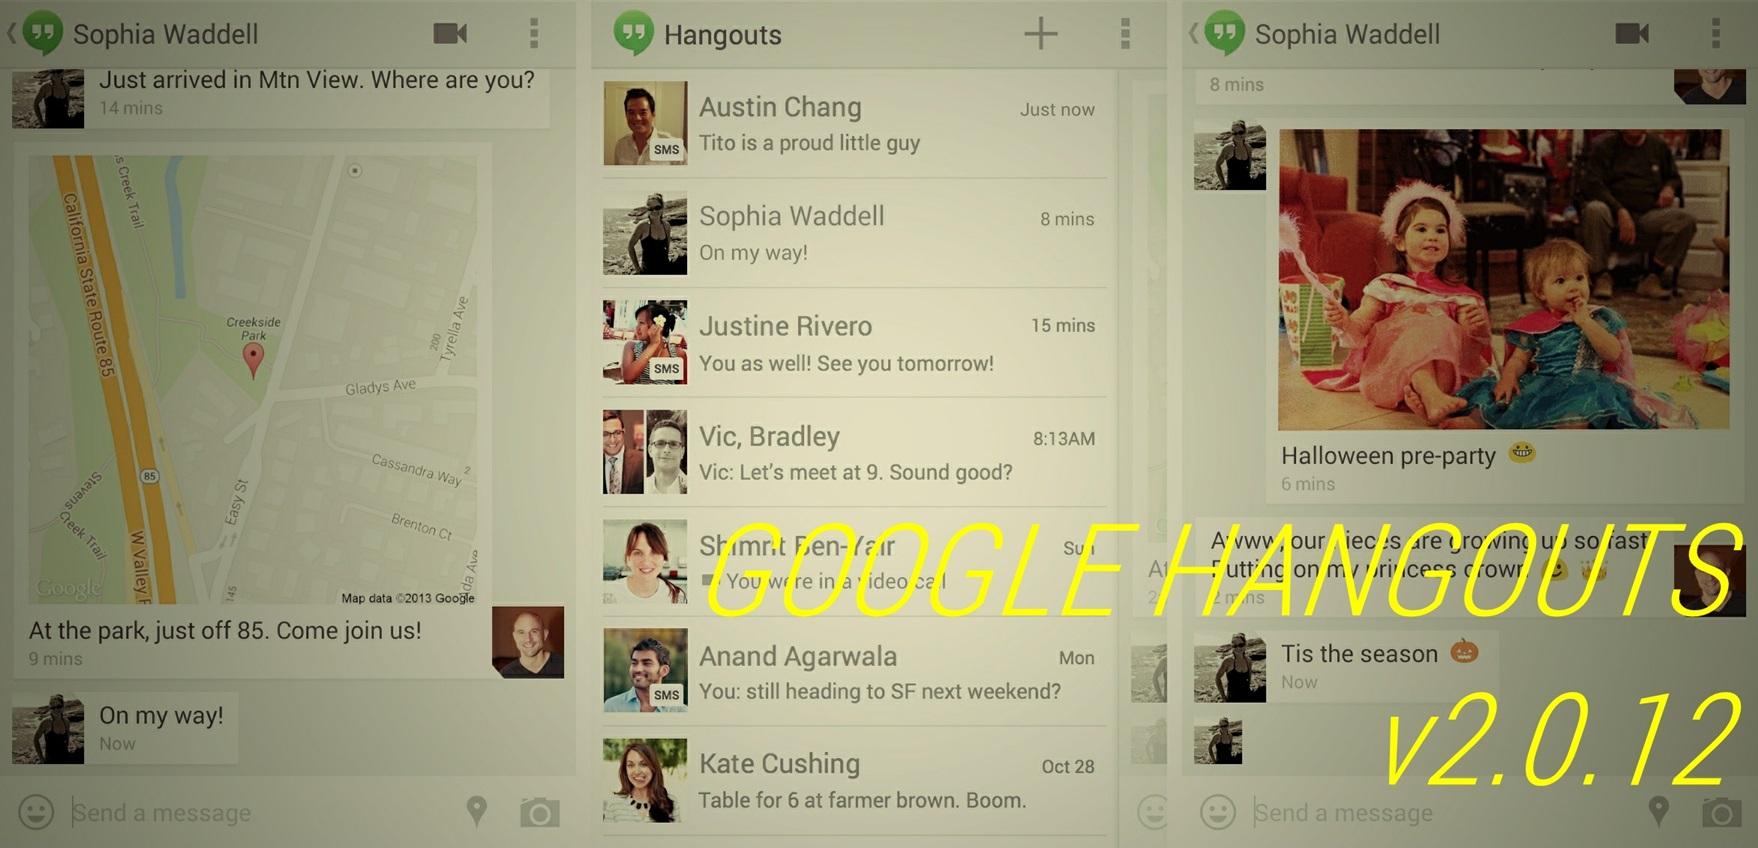 Download-Google-Hangouts-APK-v2.0.12